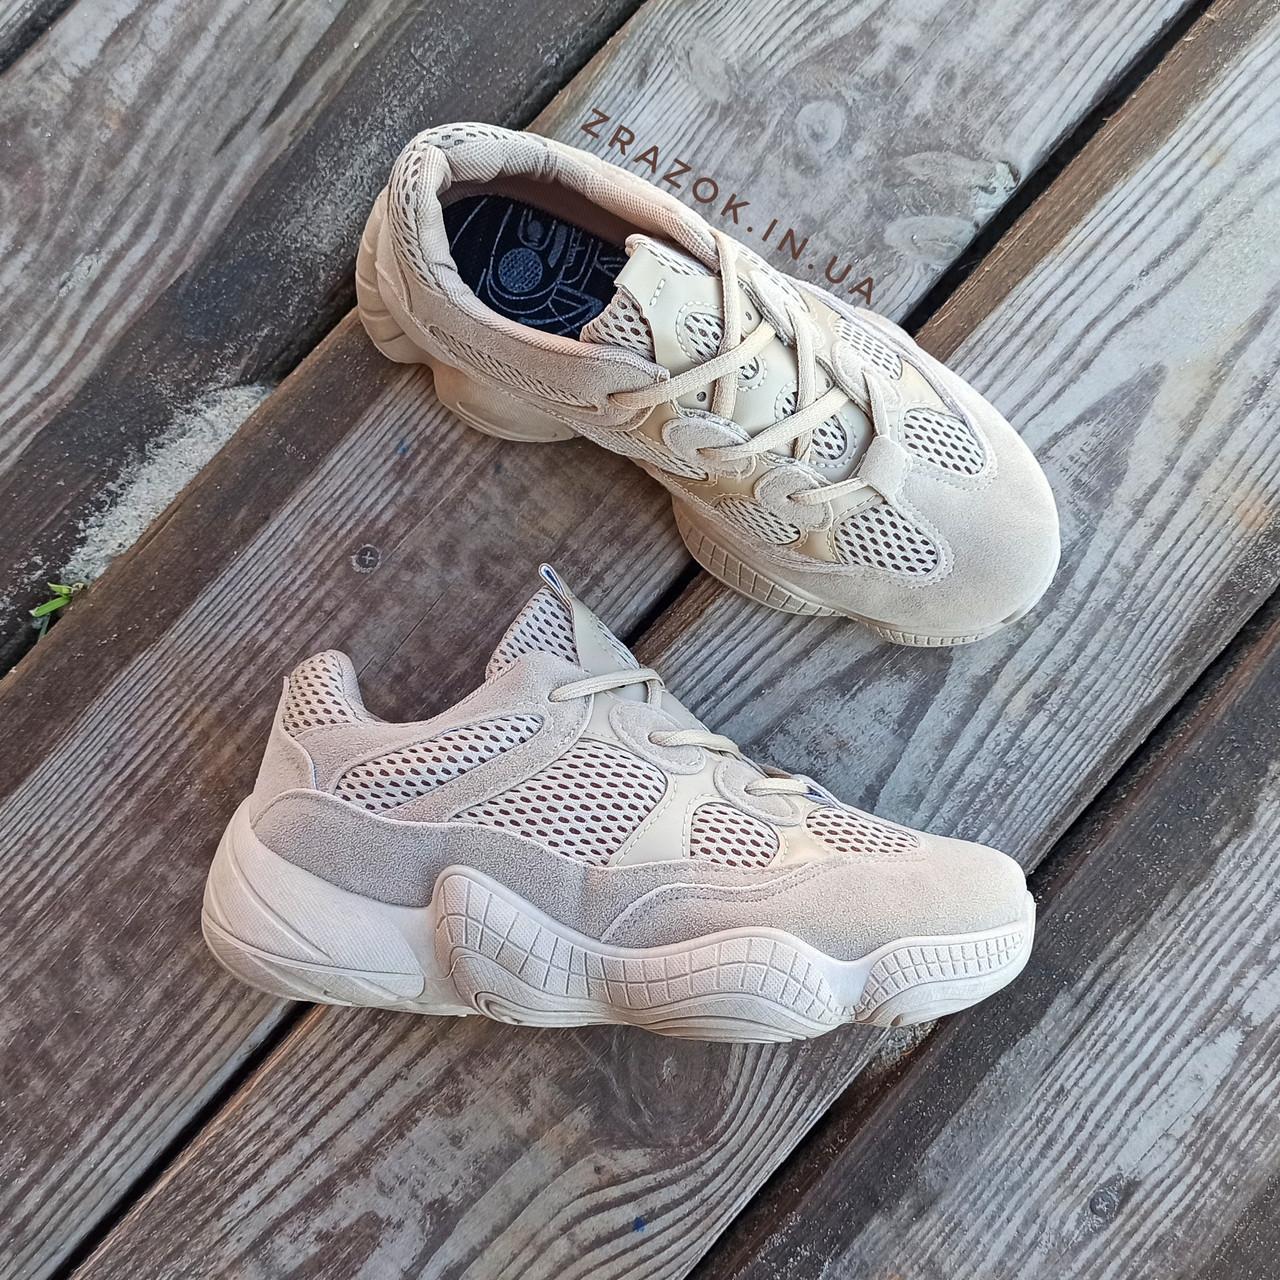 Бежевые серые Adidas Yeezy 500 эко - замша  КОПИЯ  женские кроссовки адидас изи 500 \ размеры: 36-39